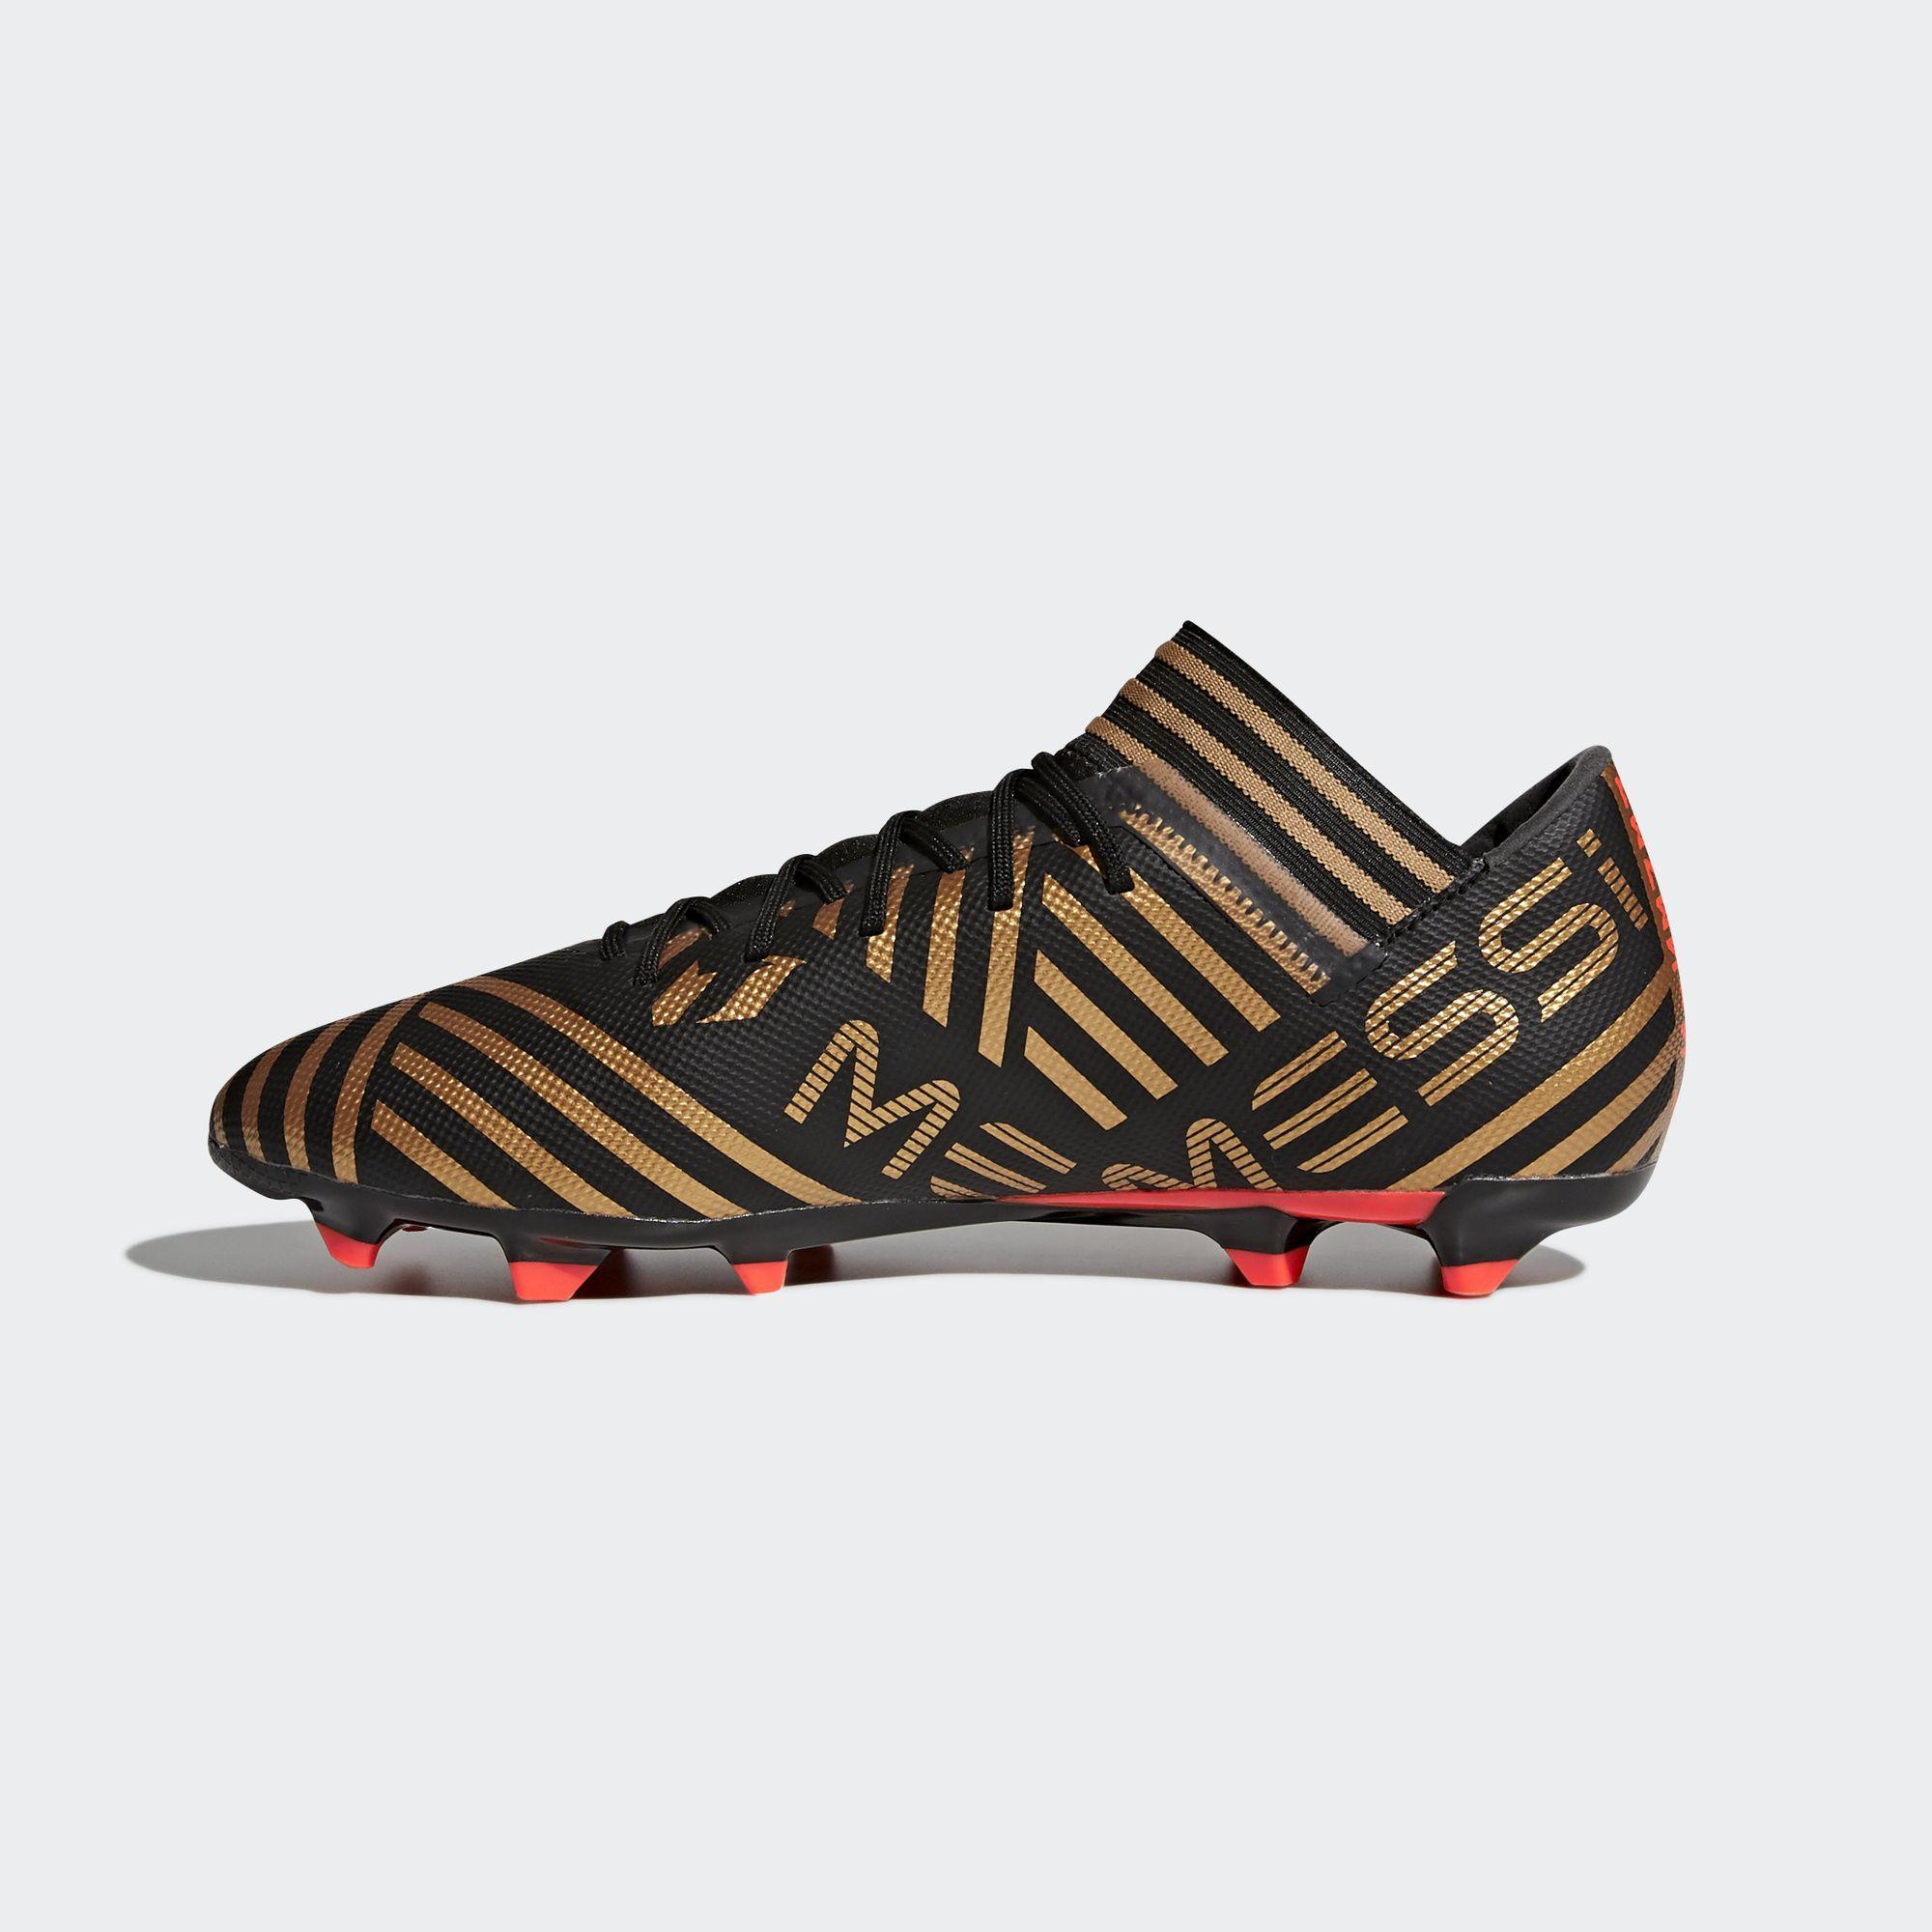 Adidas Nemeziz Messi 17.3 FG Fußballschuhe Fußballschuhe Fußballschuhe Herren Core schwarz Solar rot Tactile Gold Met. im Online Shop von SportScheck kaufen Gute Qualität beliebte Schuhe 4b27ad